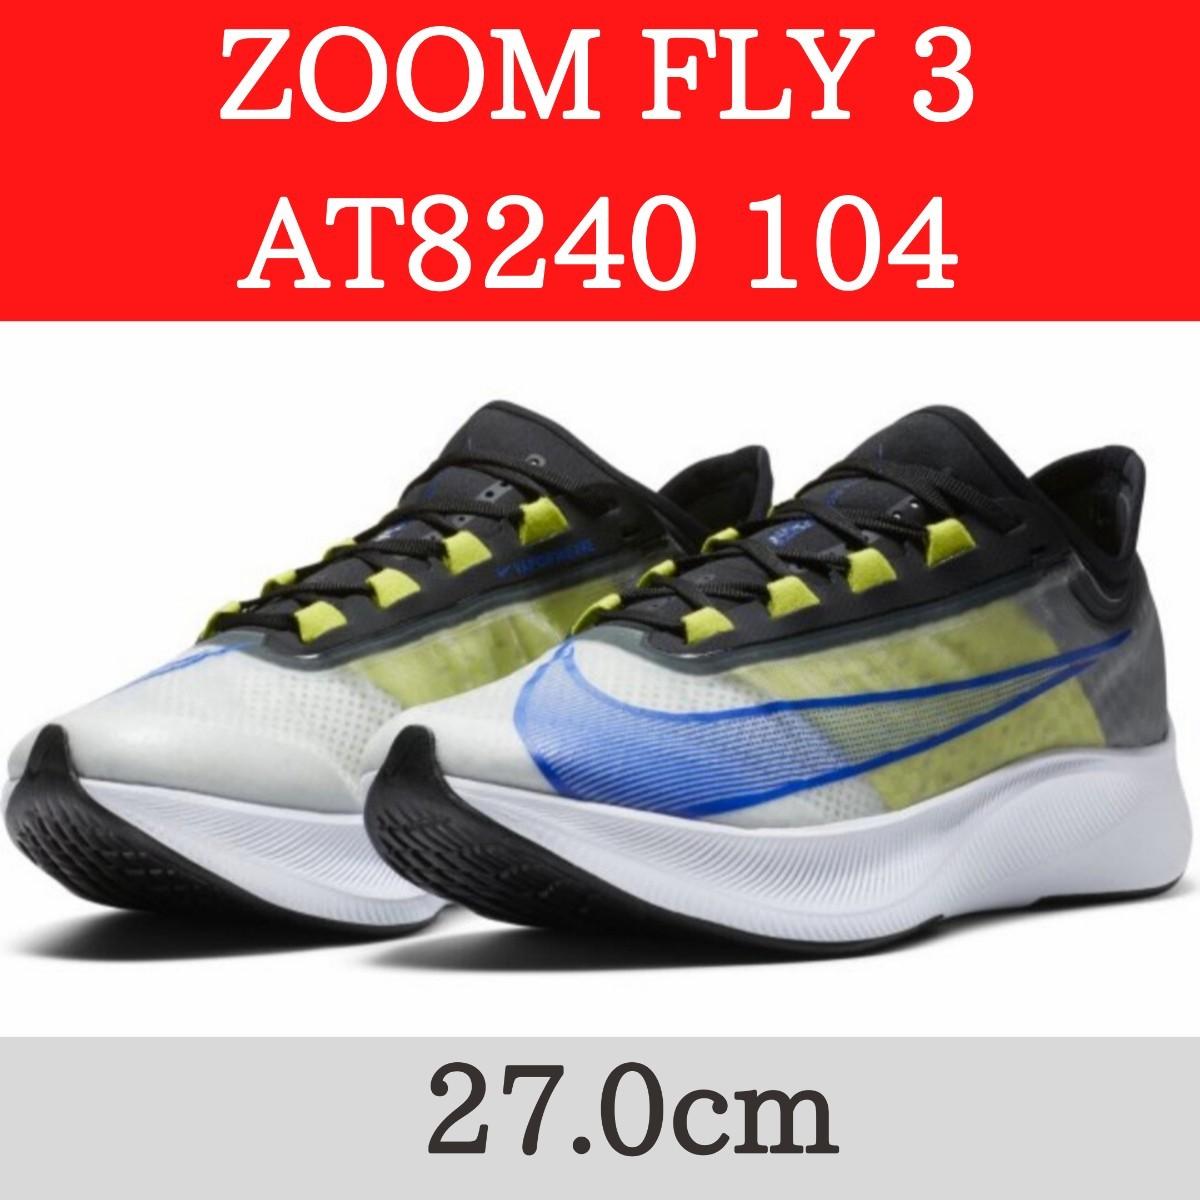 ナイキ ズーム フライ 3 ZOOM FLY 3 AT8240 104  ホワイト×ブルー 27.0cm